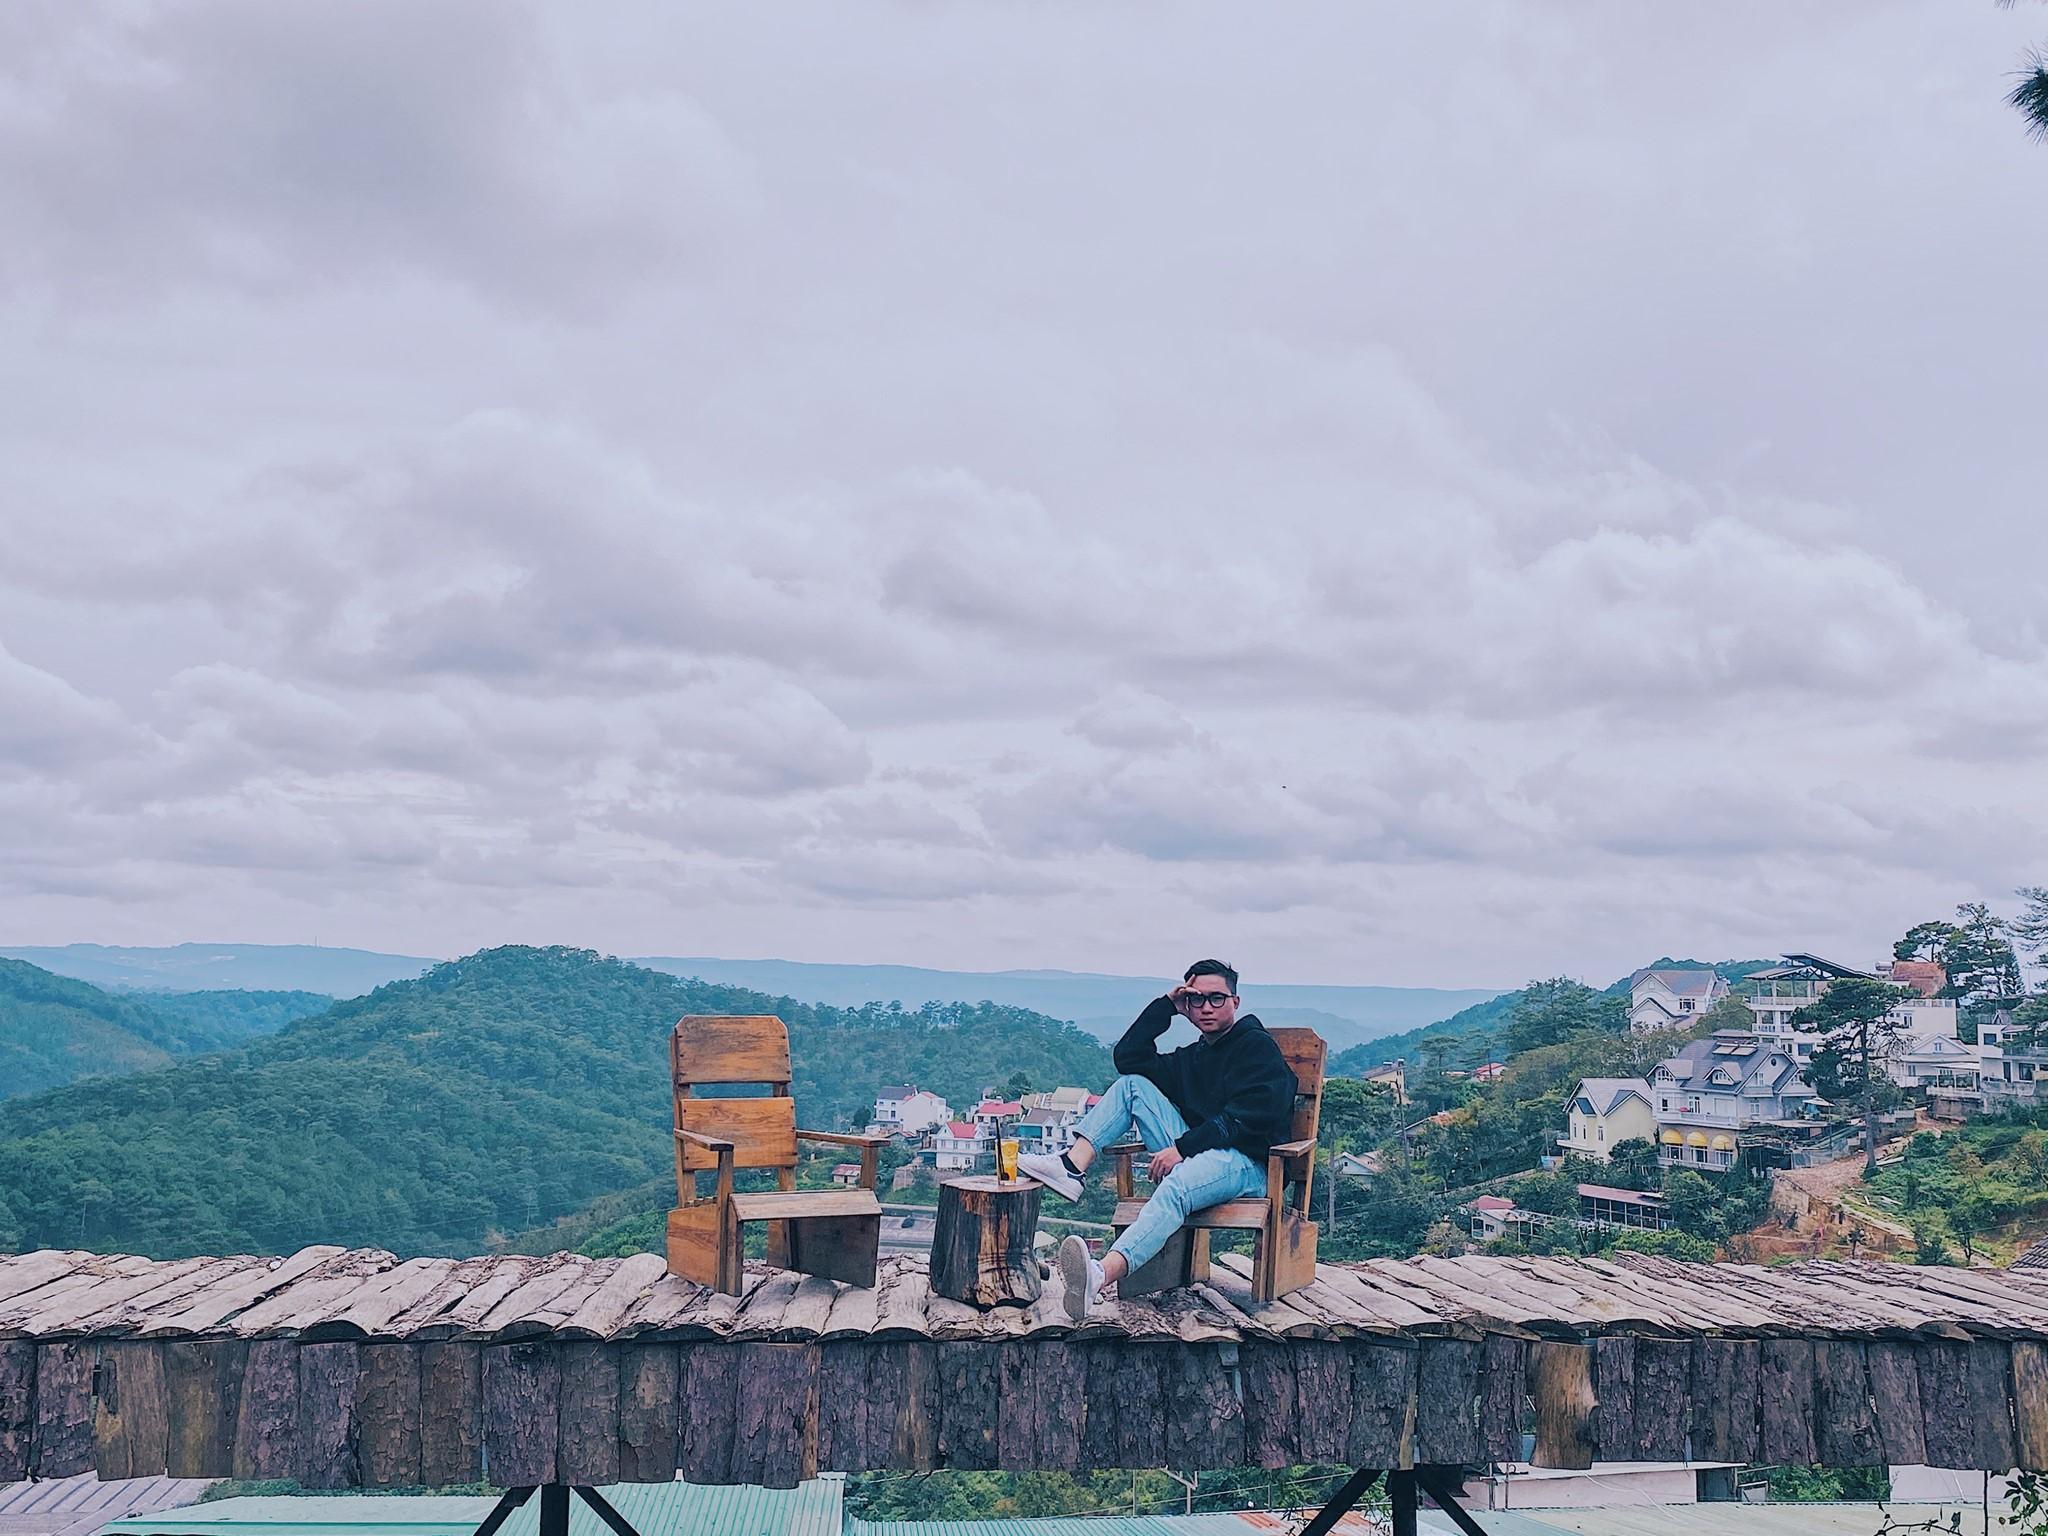 BOHEM café (Hoàng Hoa Thám): ở đây có cái cầu gỗ để sống ảo và view siêu đỉnh, quán này và quán DALAT MOUNTAIN VIEW là cùng view với nhau luôn.